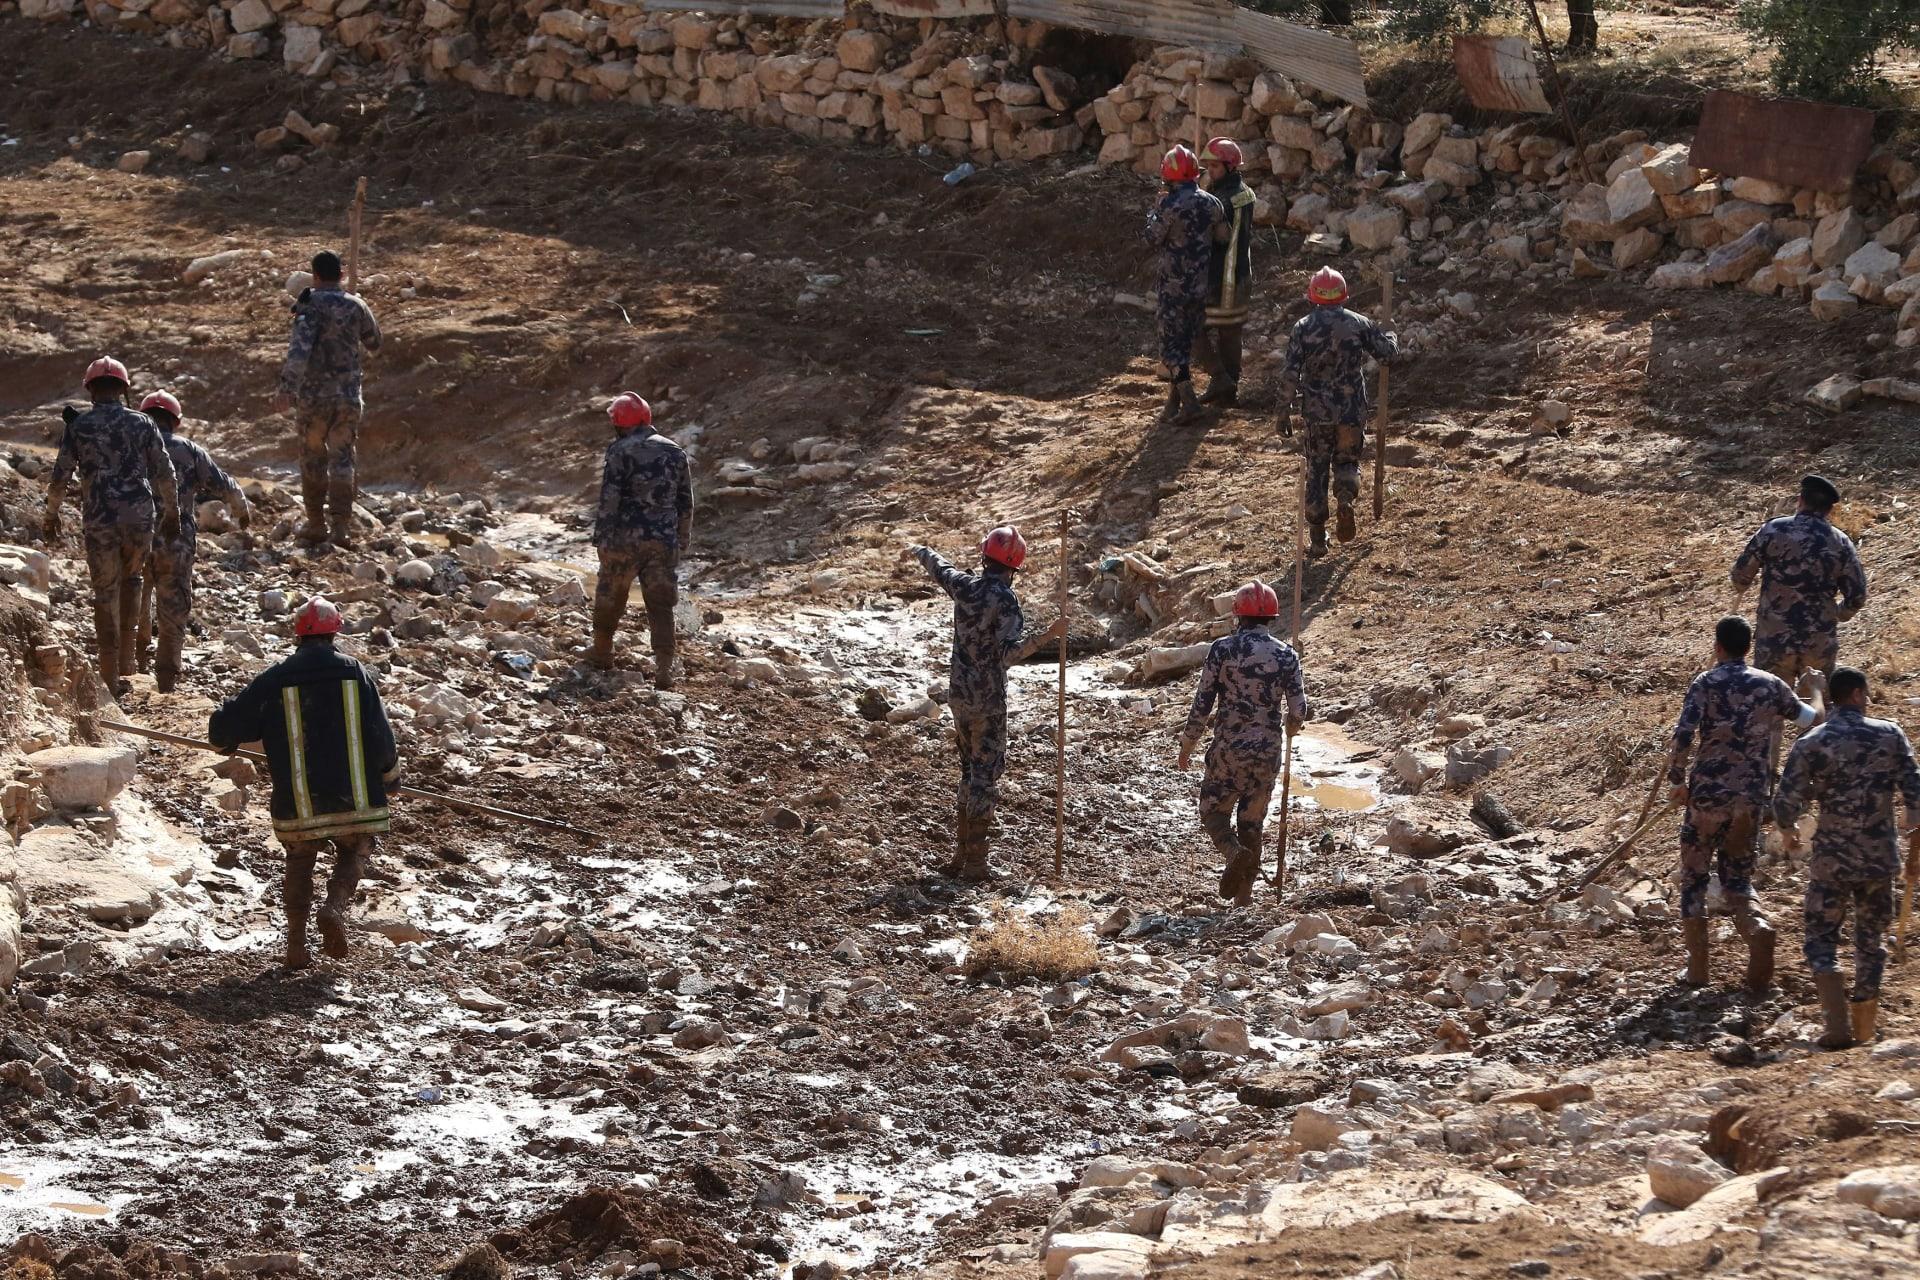 دبي ترسل شحنة ثالثة من المساعدة الإنسانية لإغاثة المتضررين من سيول الأردن